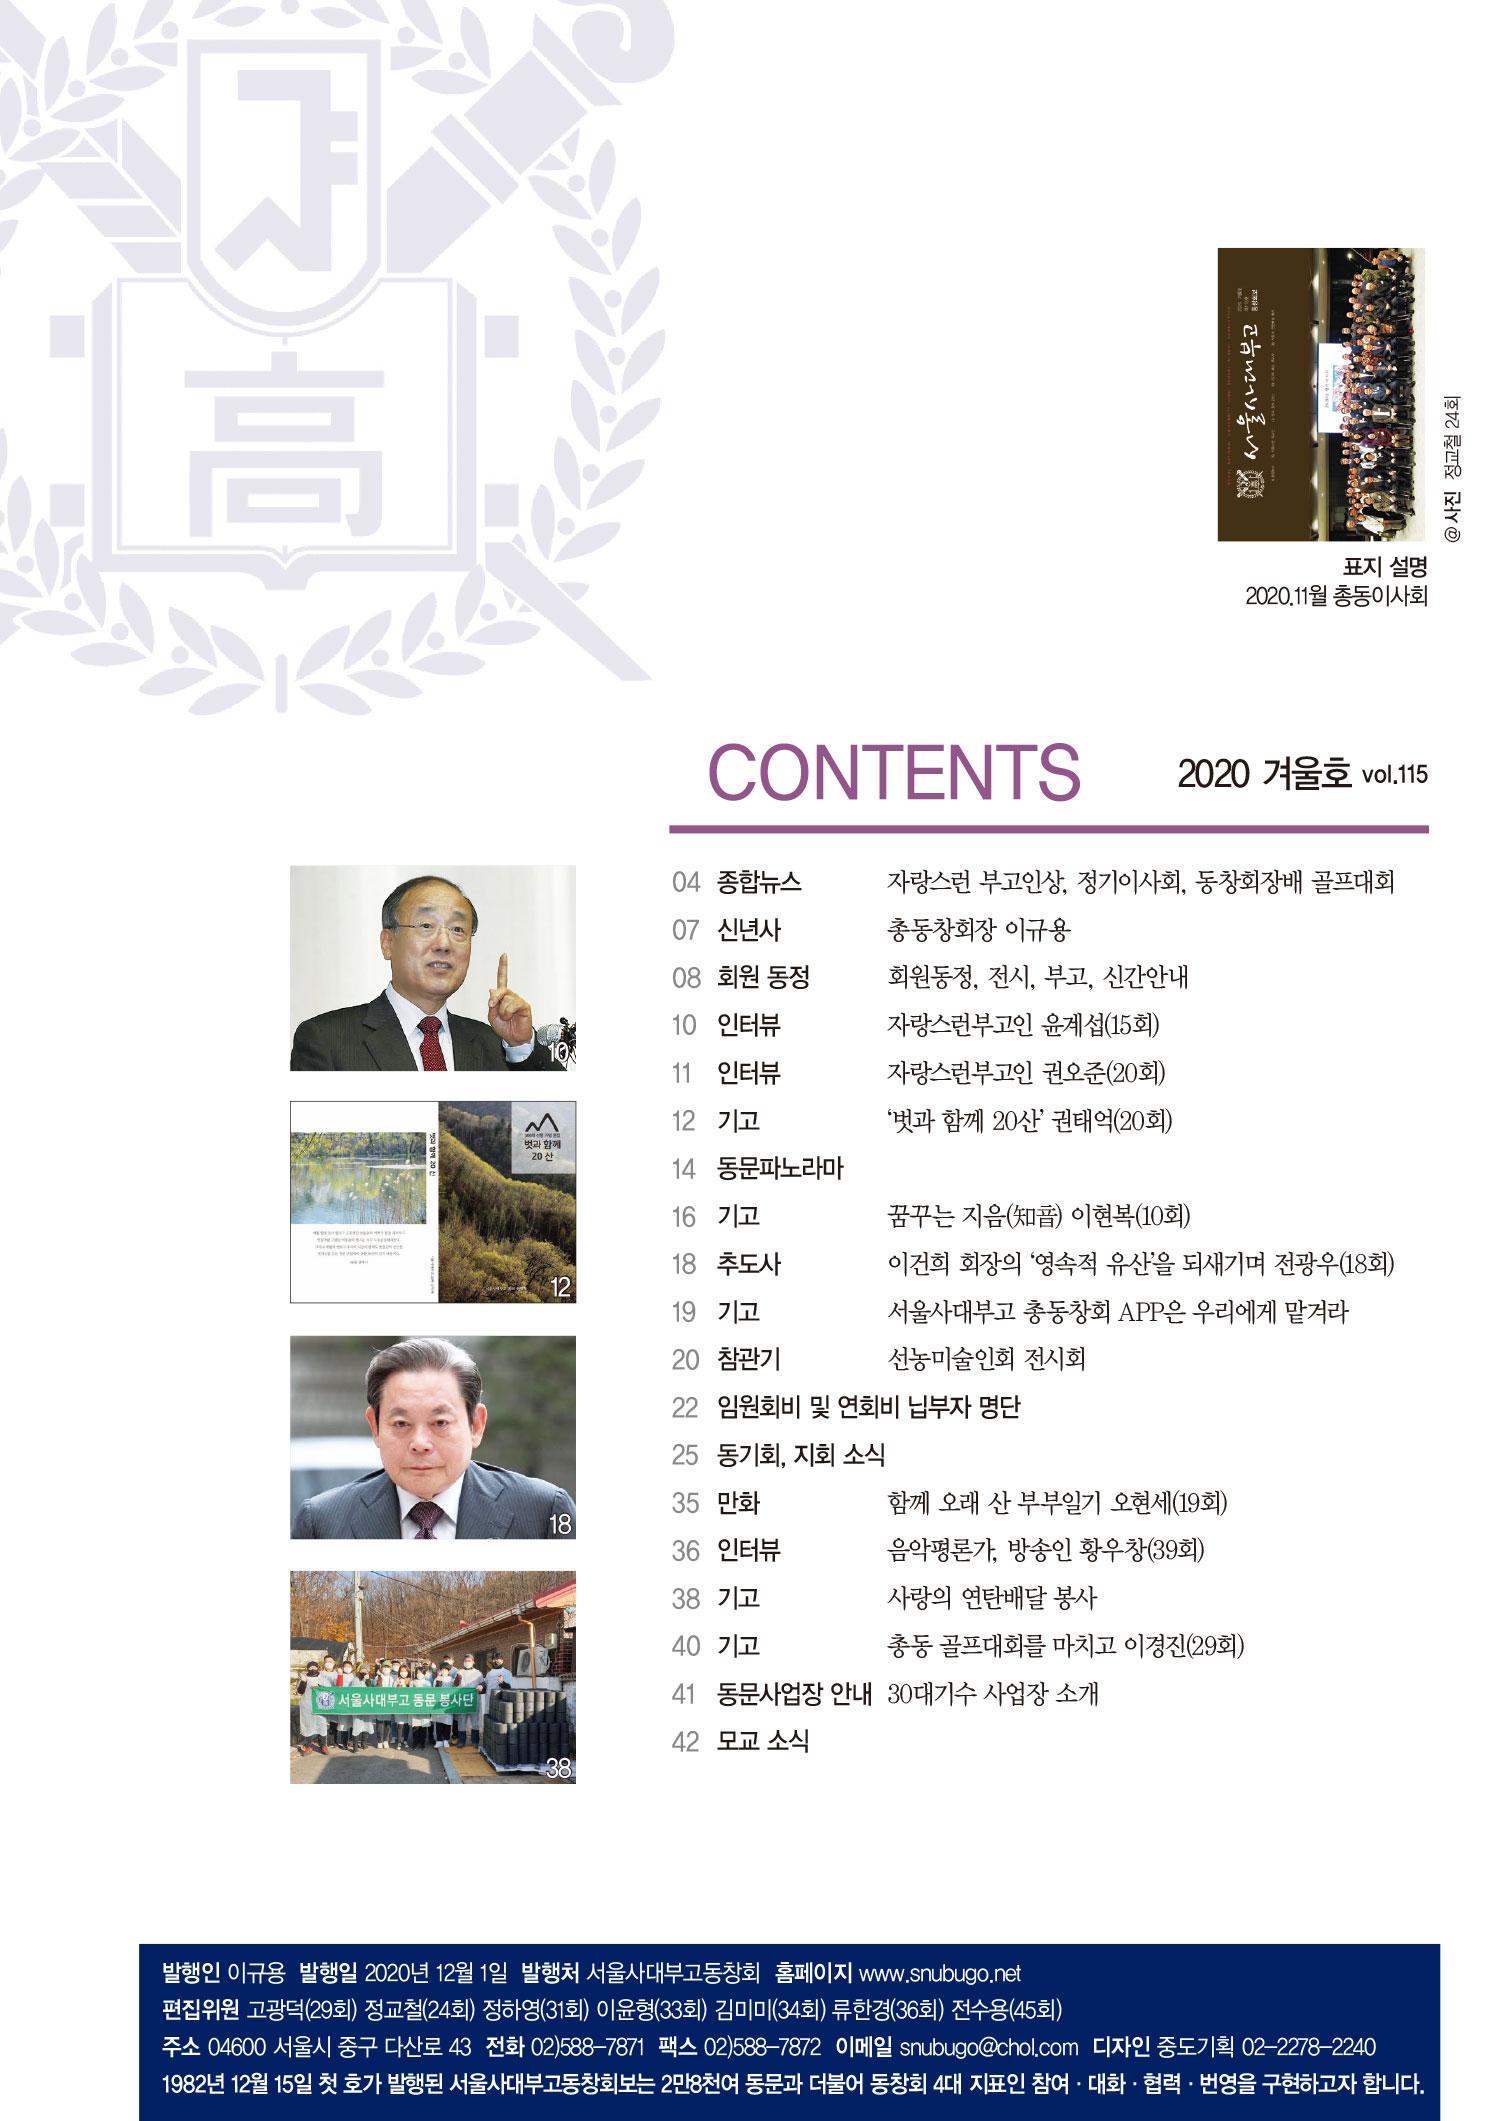 서울사대부고-115호-홈페이지-3.jpg